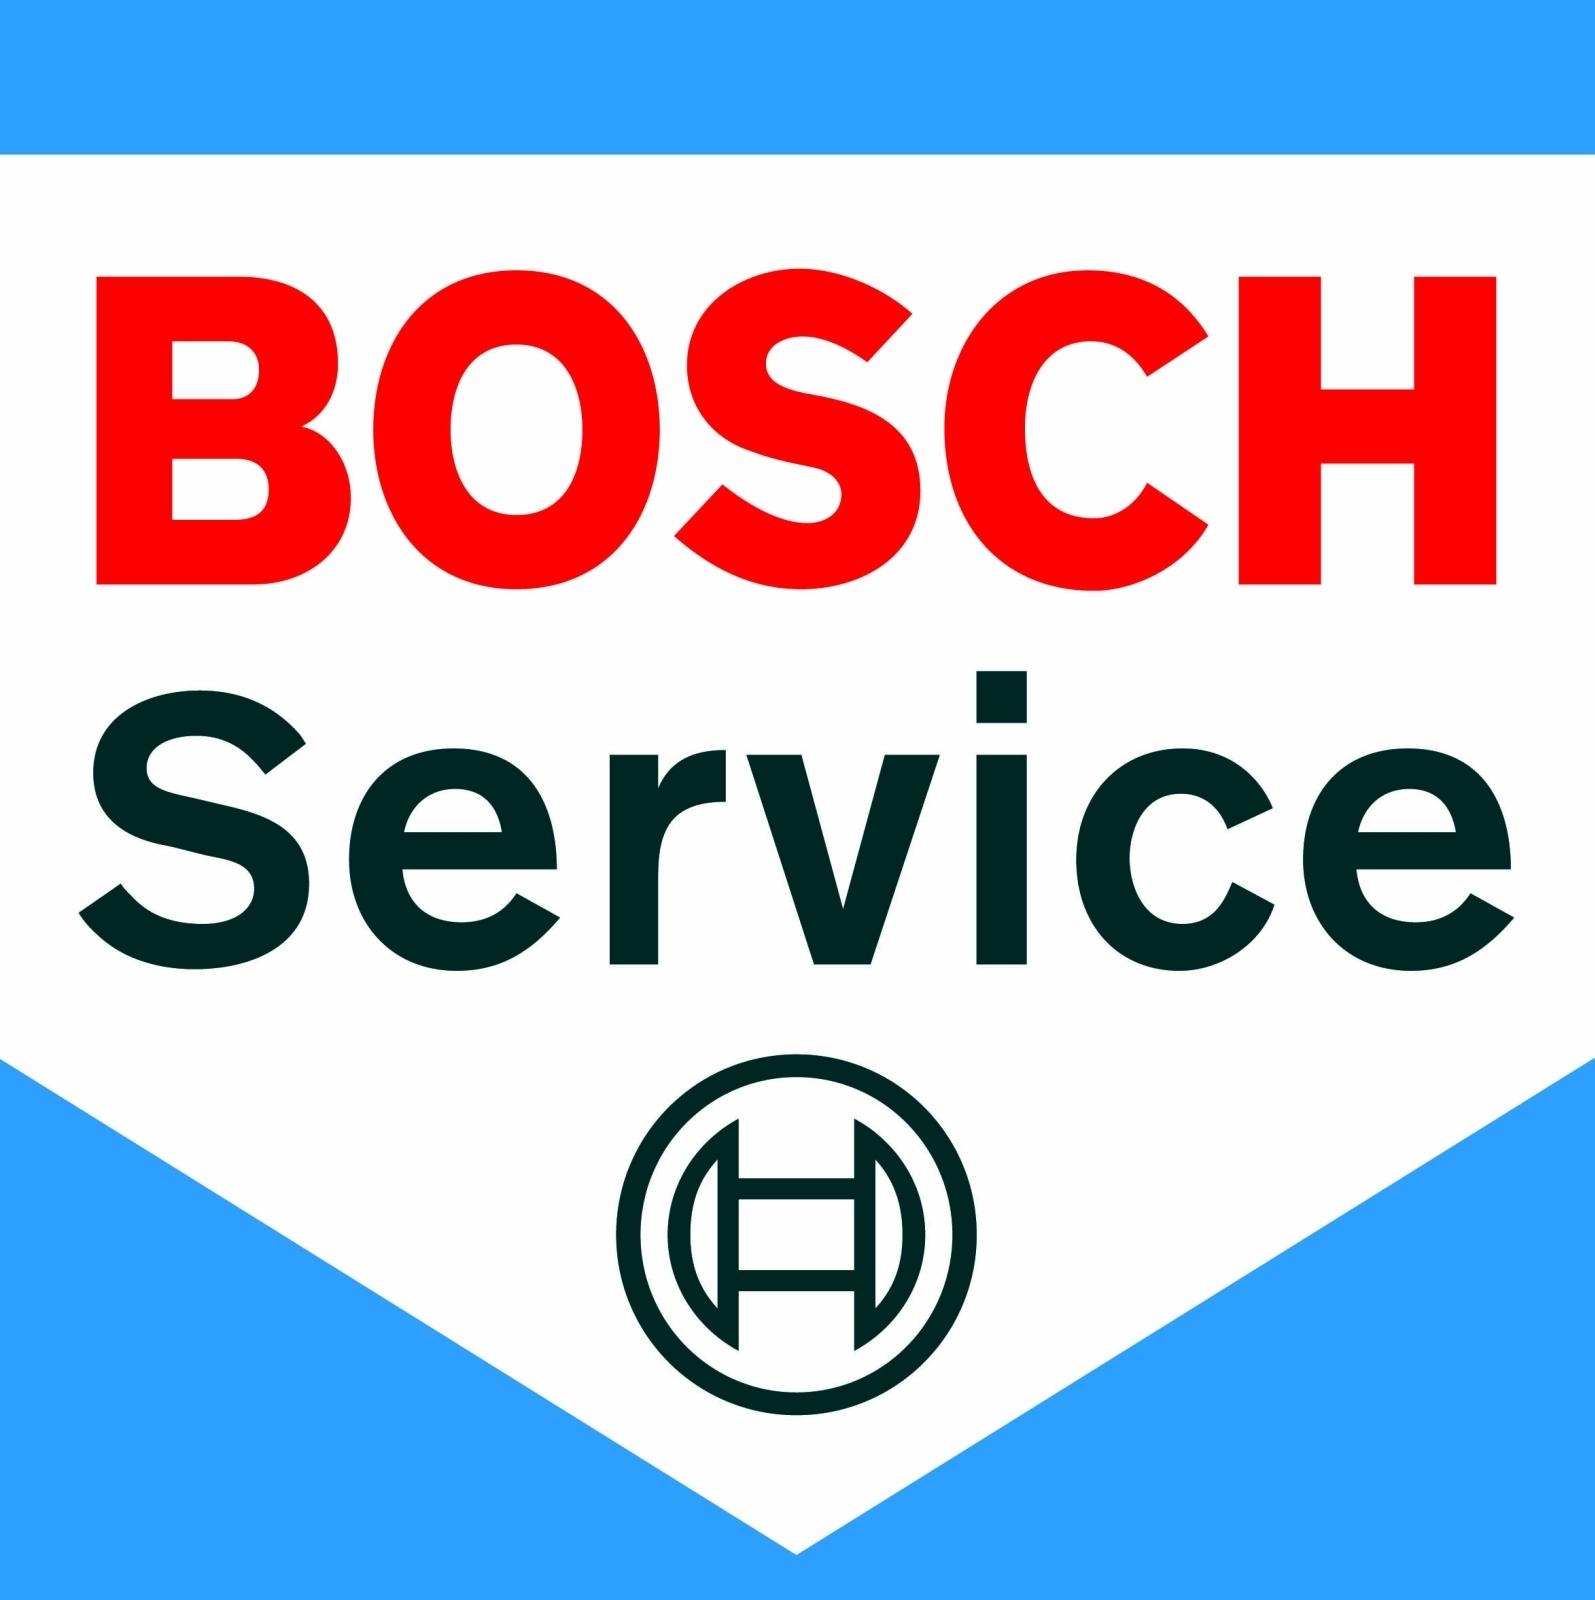 Bosch Car Service Svenstrup A/S logo